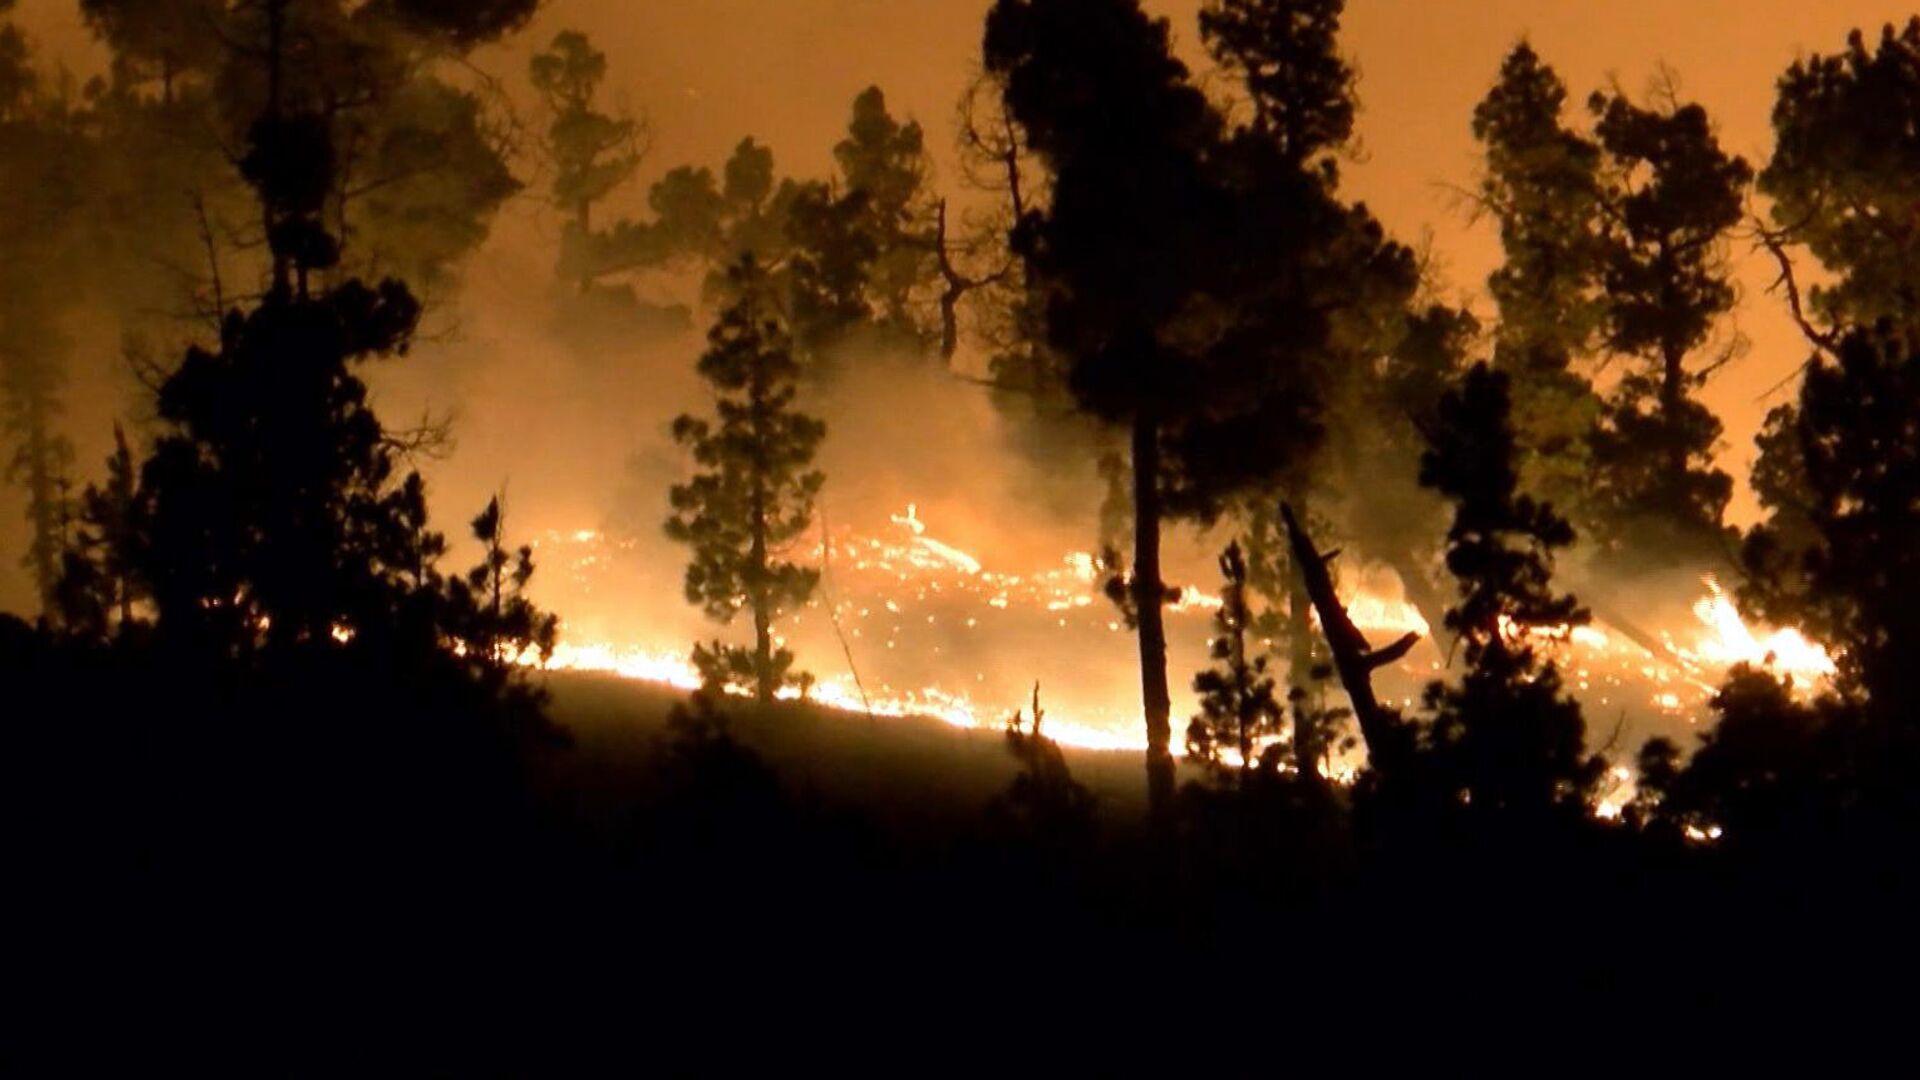 Incendio forestal (imagen referencial) - Sputnik Mundo, 1920, 07.10.2021